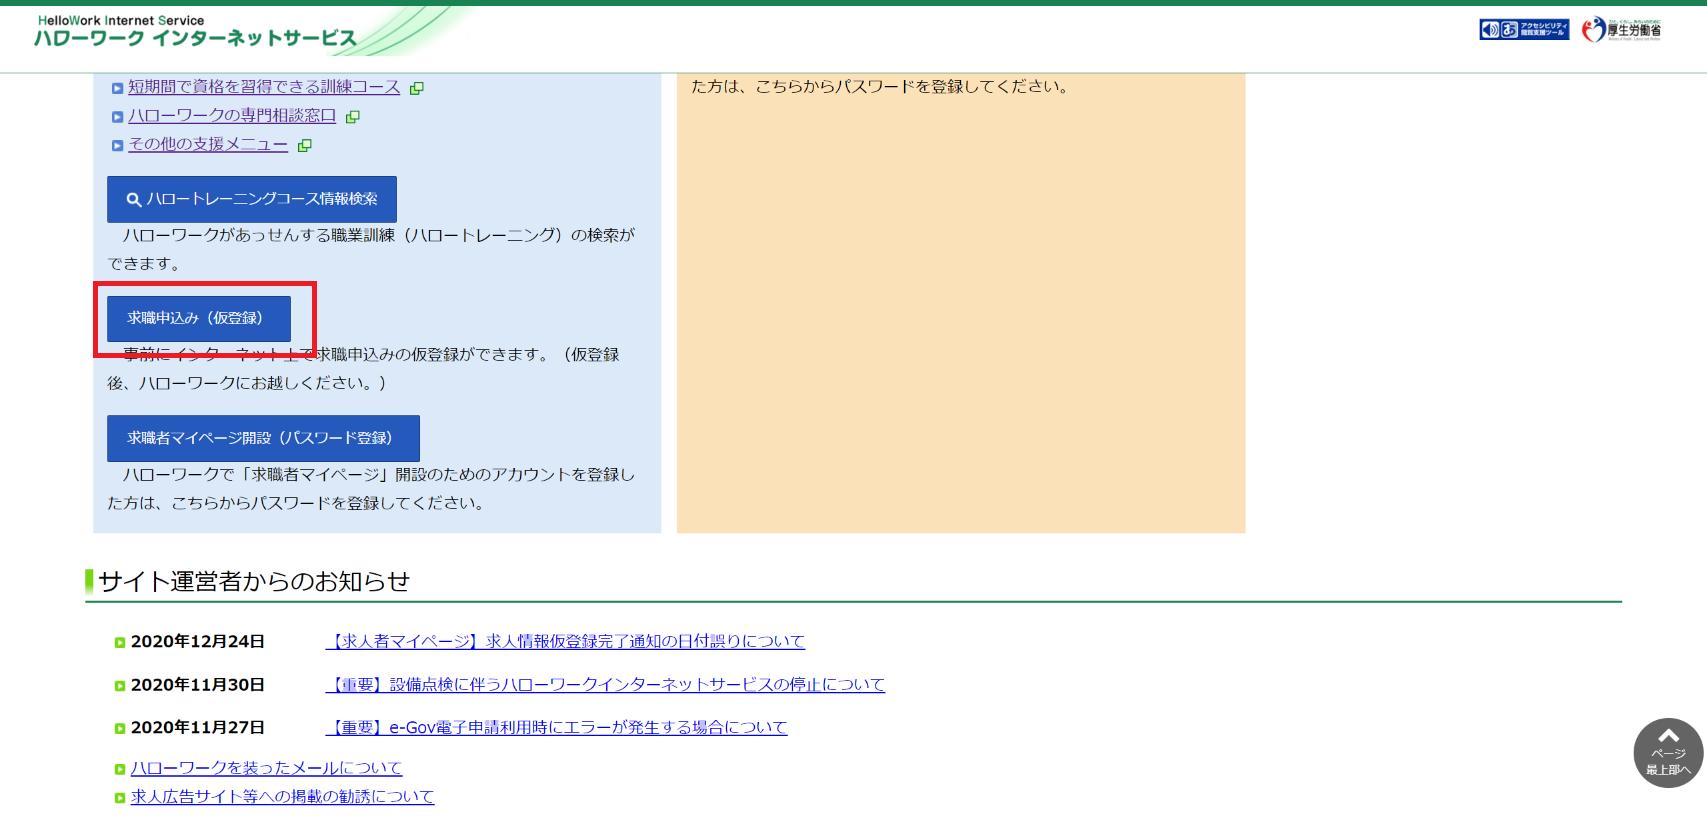 ハローワークインターネットサービス仮登録ボタン